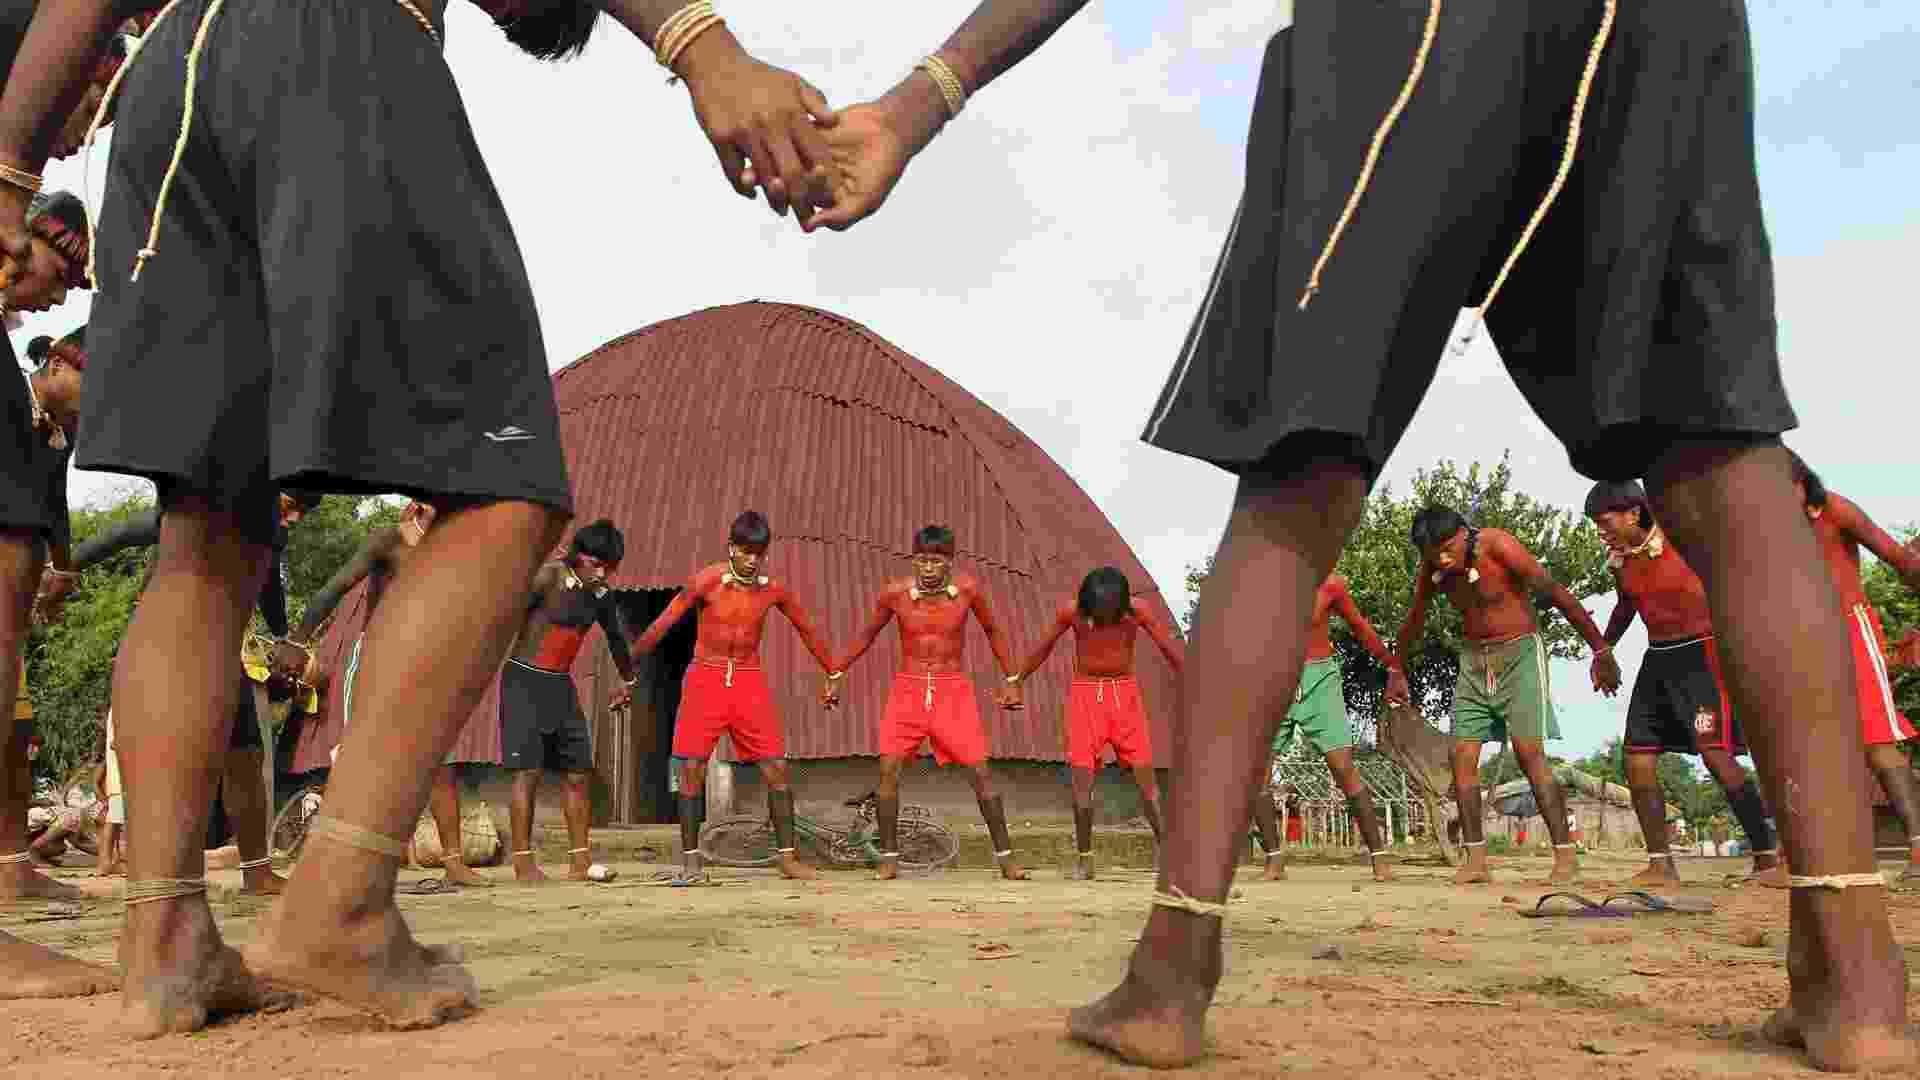 """23.ago.2013 - Índios dançam em ritual na reserva xavante Marãiwatsédé, em Mato Grosso, que fica a 600 quilômetros de distância de Brasília (DF), em registro de fevereiro passado. A Funai (Fundação Nacional do Índio) afirmou que imagens de satélite captaram mais de 400 incêndios iniciados apenas nesta semana, provavelmente como uma """"retaliação  contra a desintrusão"""" - cerca de 7.000 moradores não-índios tiveram de deixar a área sem indenização, agravando a tensão entre índios e fazendeiros - Paulo Whitaker/Reuters"""